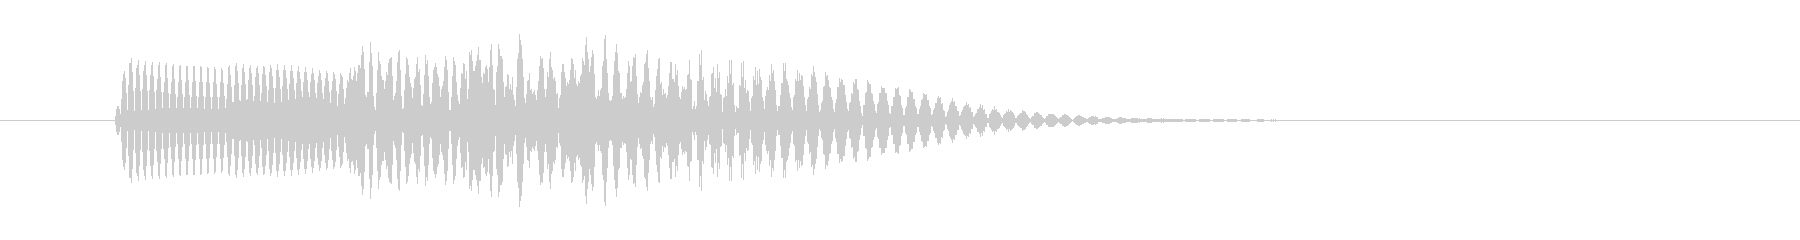 ピロリ  キャンセル音 01 高音の未再生の波形